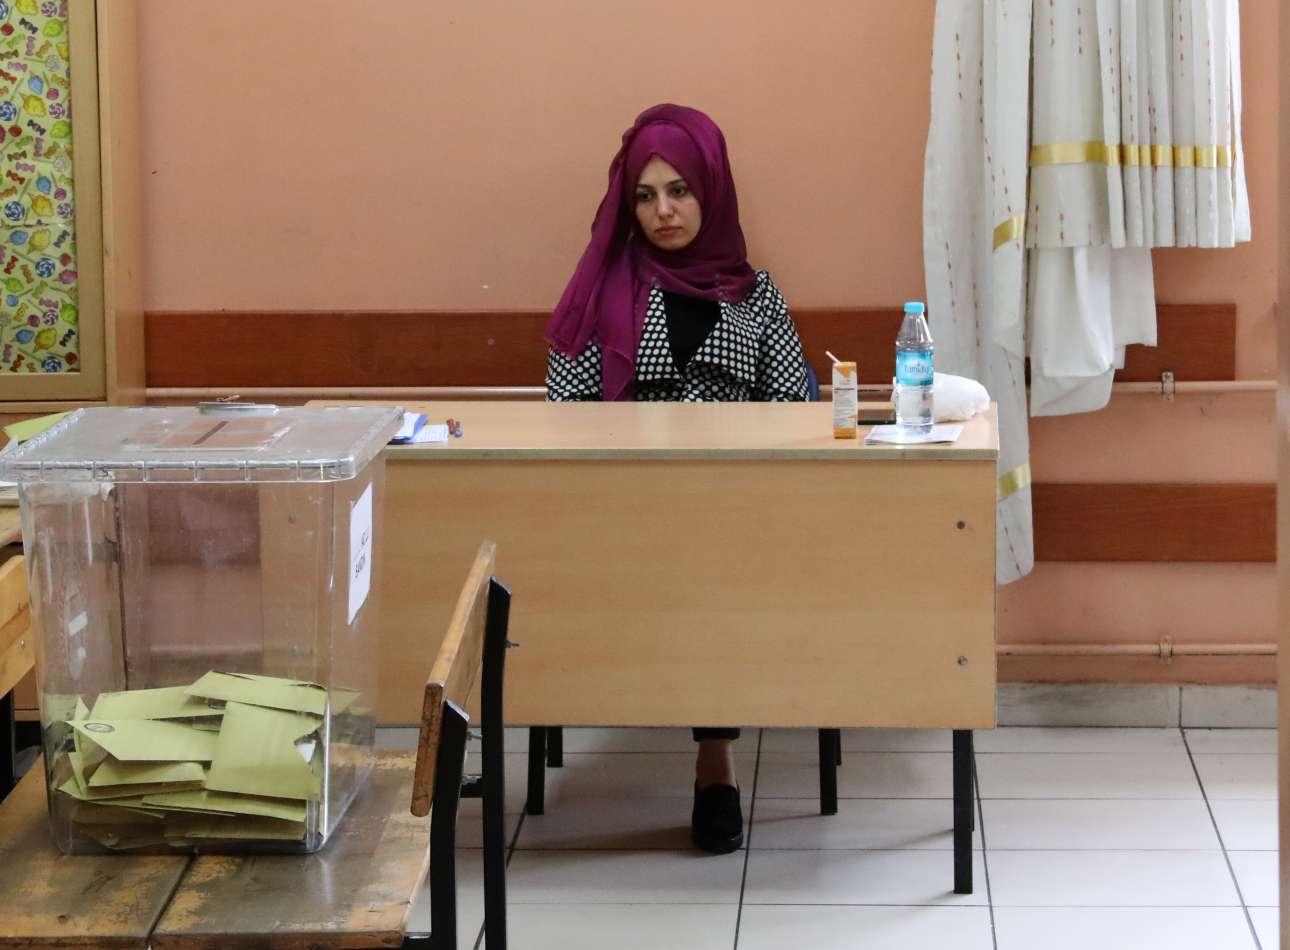 Η εκλογική αντιπρόσωπος περιμένει με ελαφρά απογοήτευση και κούραση τους ψηφοφόρους σε κέντρο στην Κωνσταντινούπολη